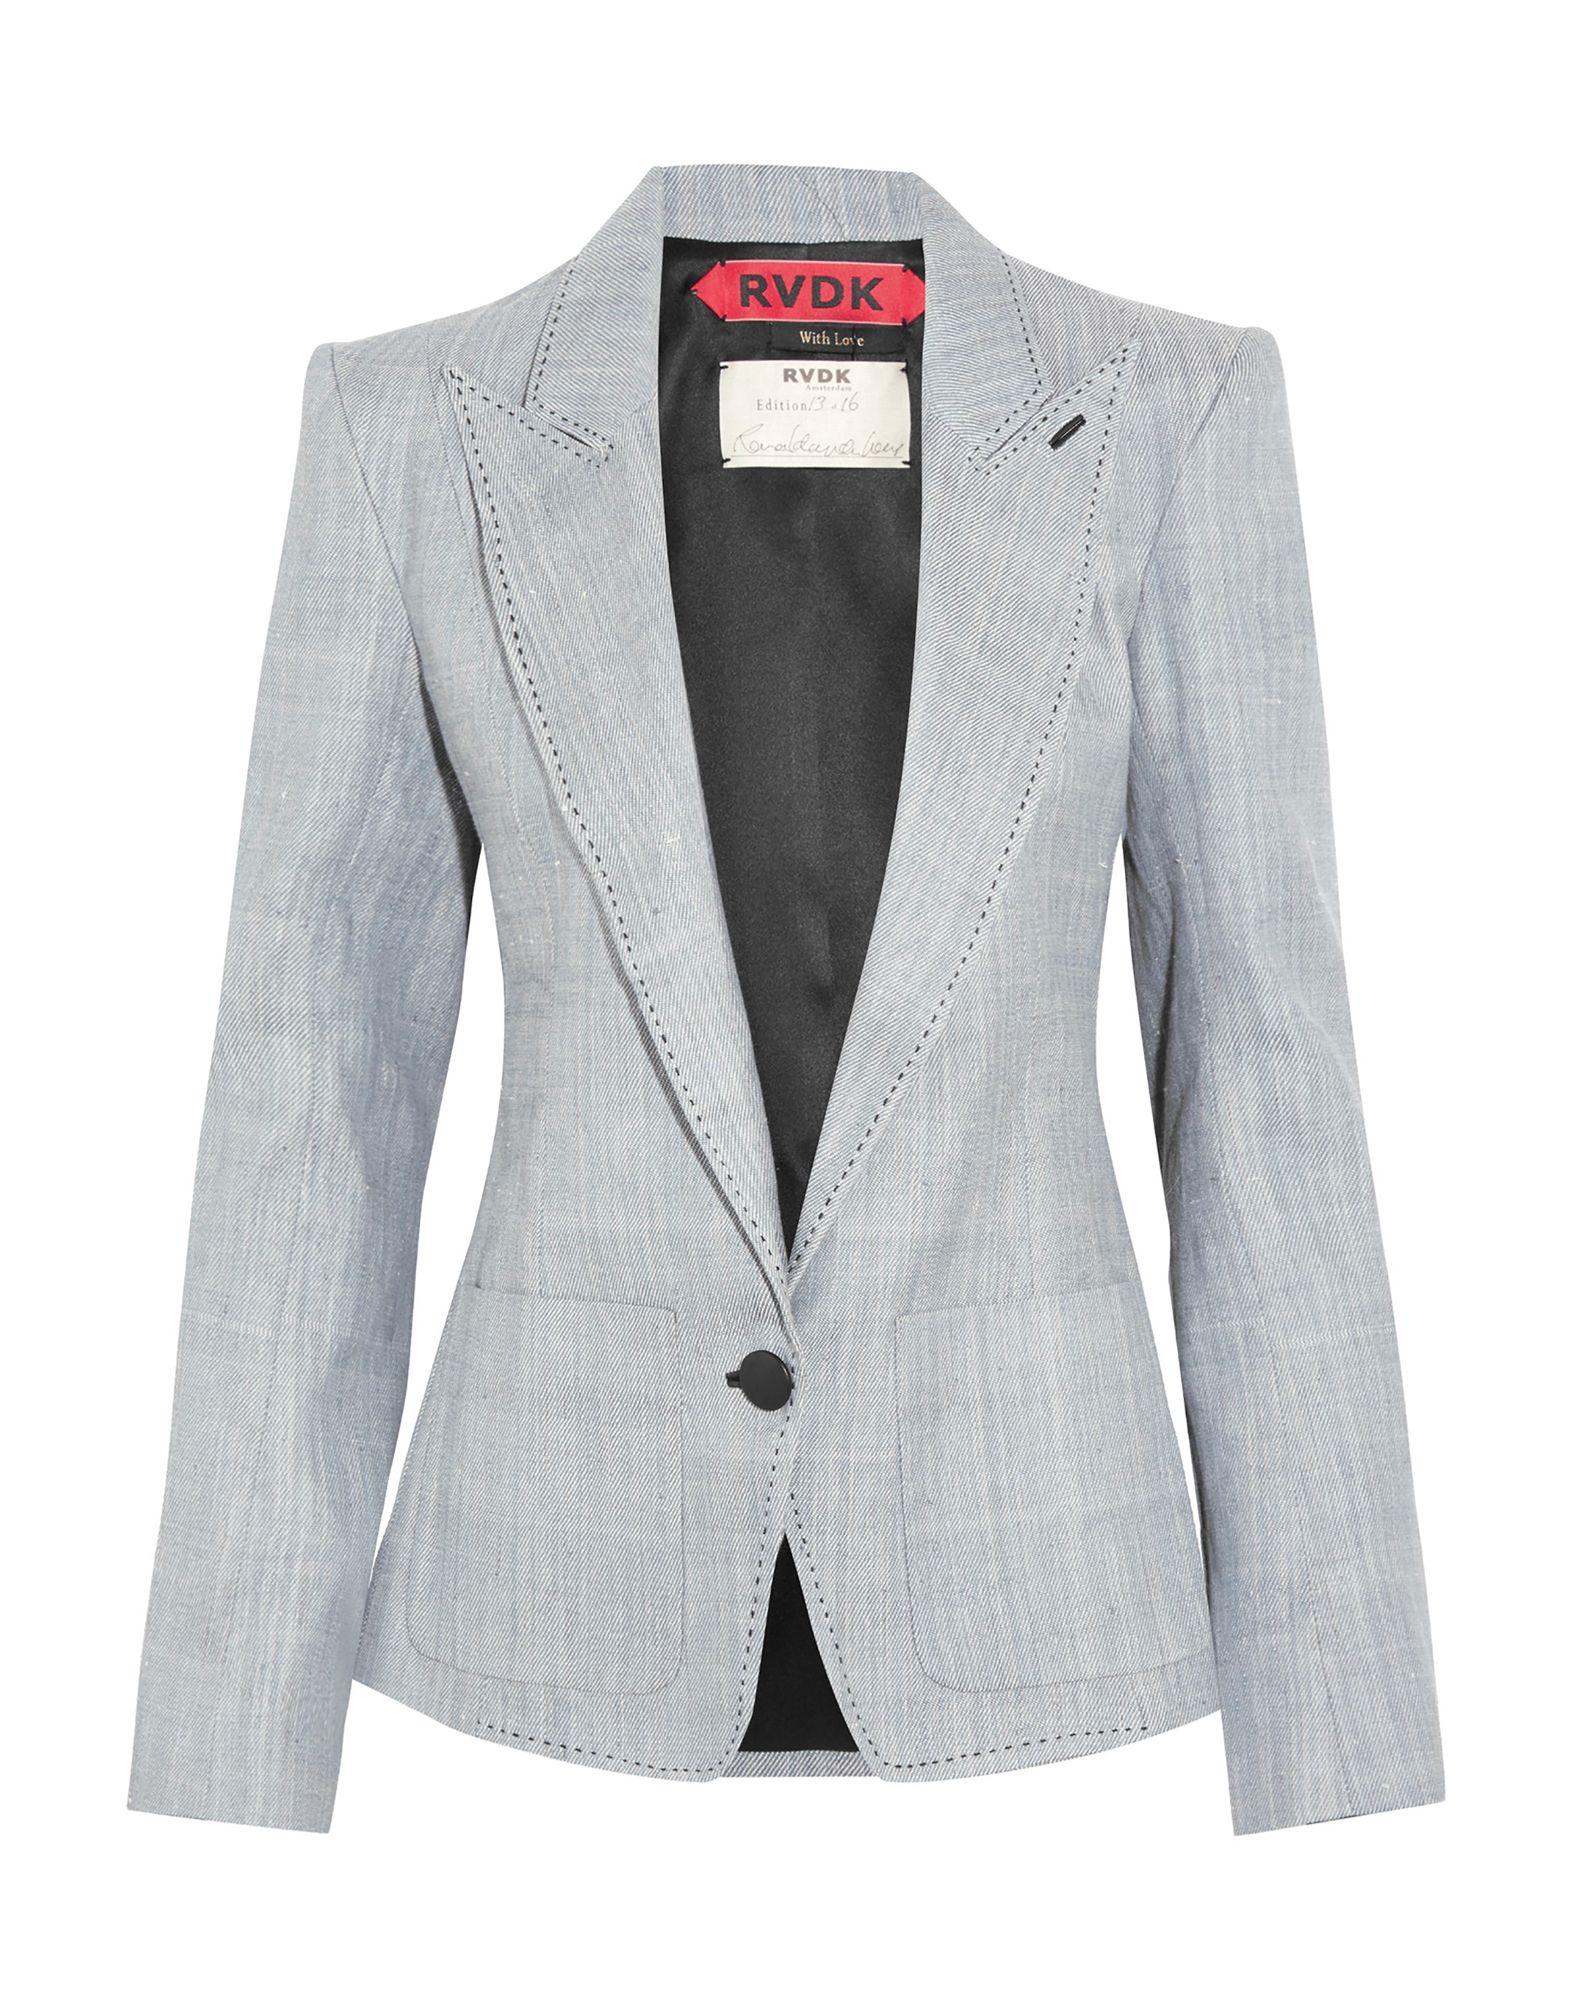 《セール開催中》RONALD VAN DER KEMP レディース テーラードジャケット ブルー 34 コットン 100% / 羊革(ラムスキン)